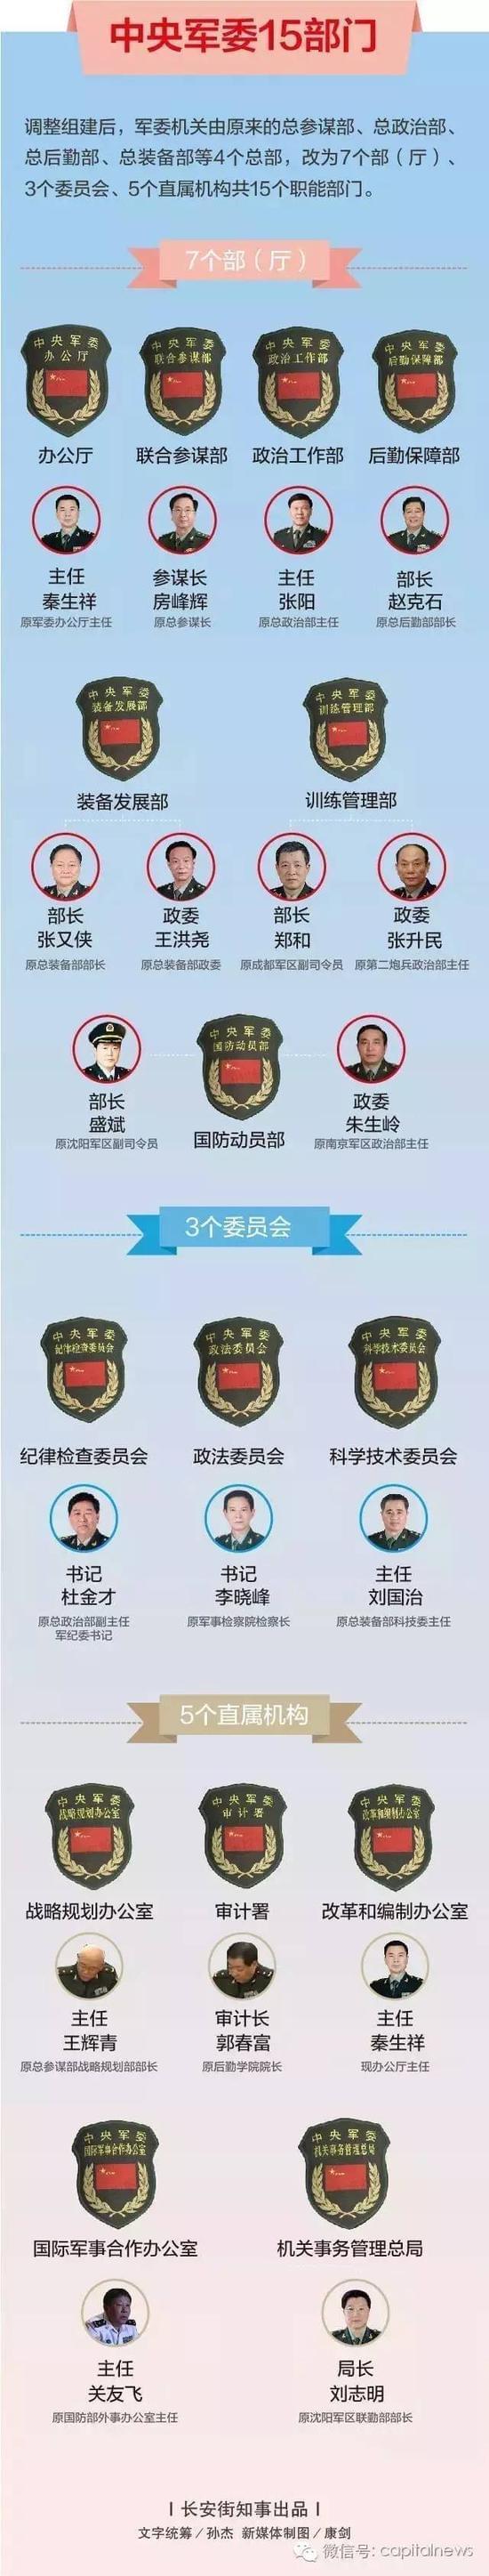 军委机关15部门主官全部亮相 仅一人职务未确定